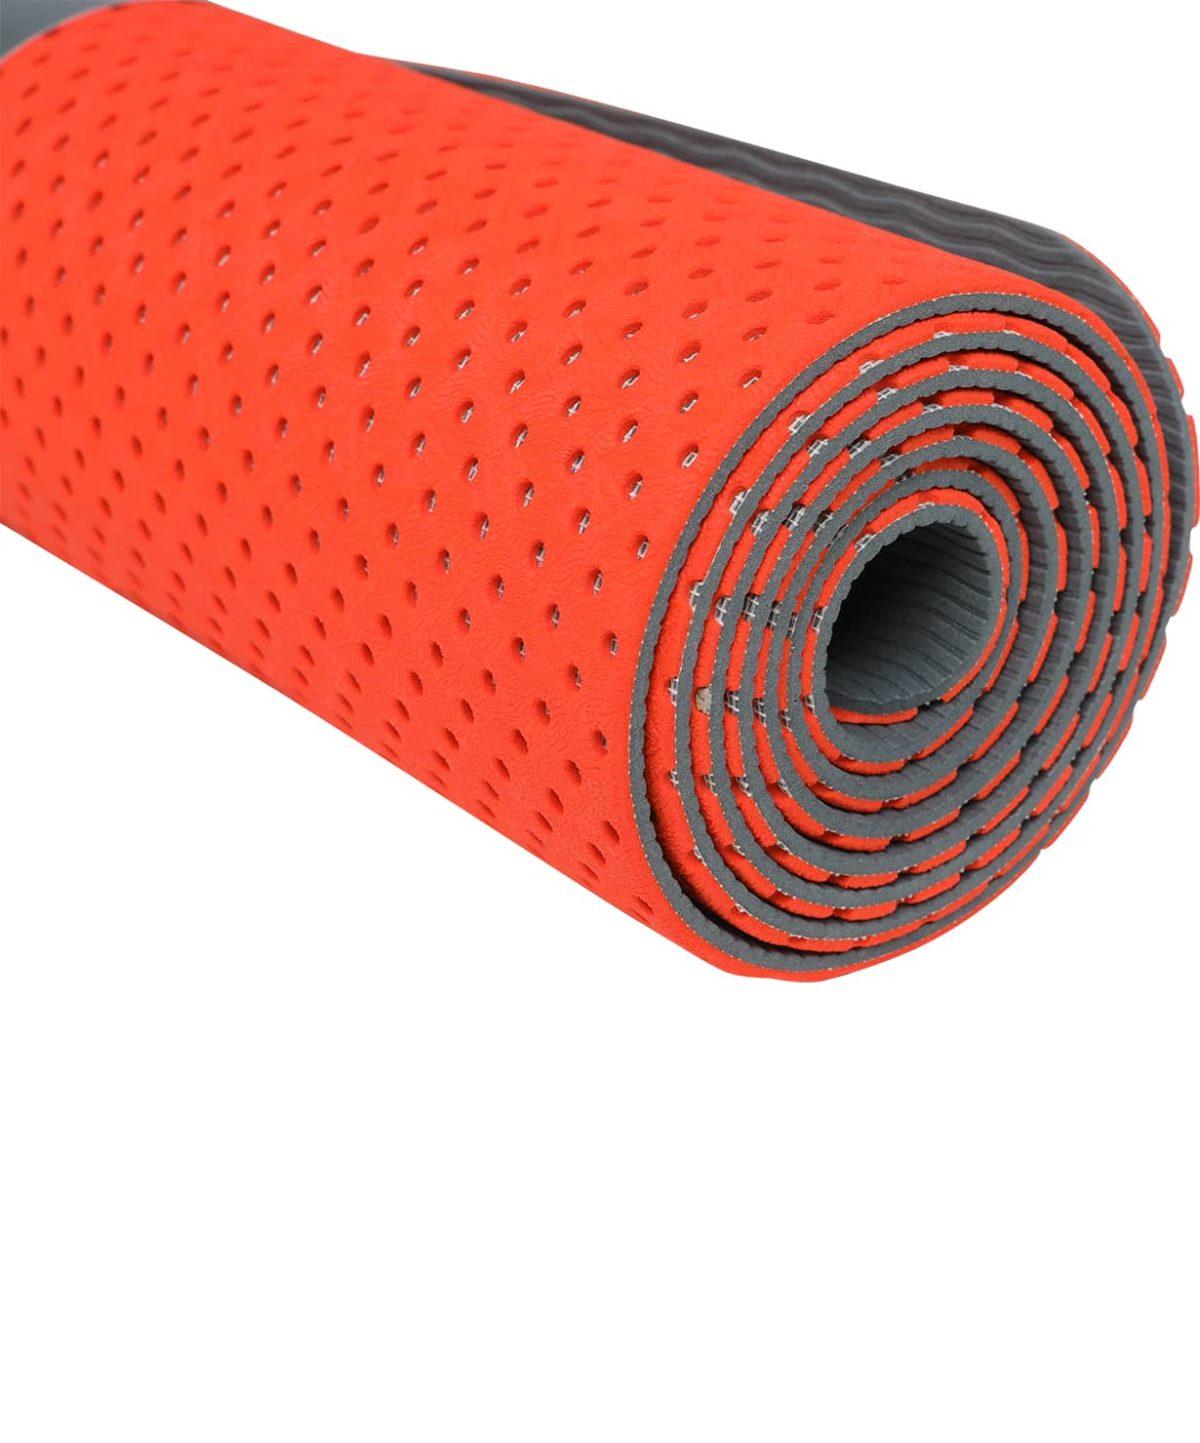 STARFIT Коврик для йоги, перфорированный FM-202 173х61х0,5 см: ярко-красный - 2